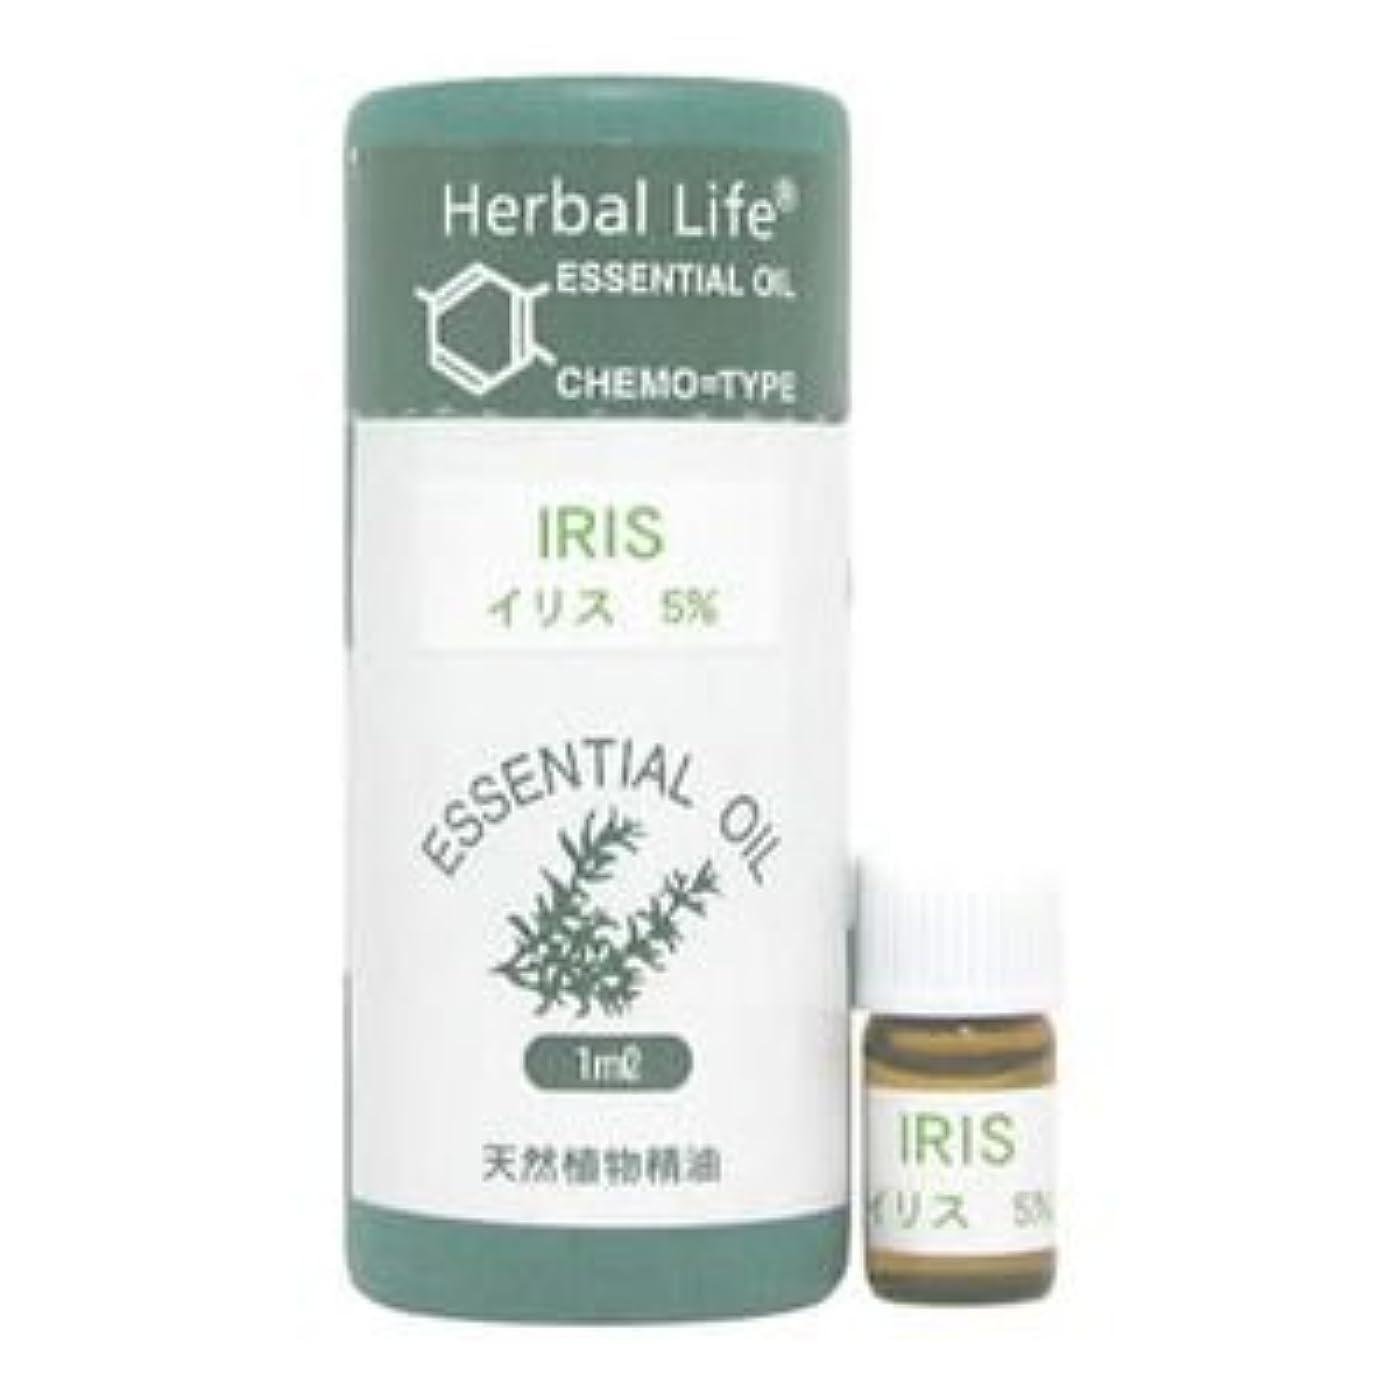 スポーツ失敗幾分Herbal Life イリス(5%希釈液) 1ml